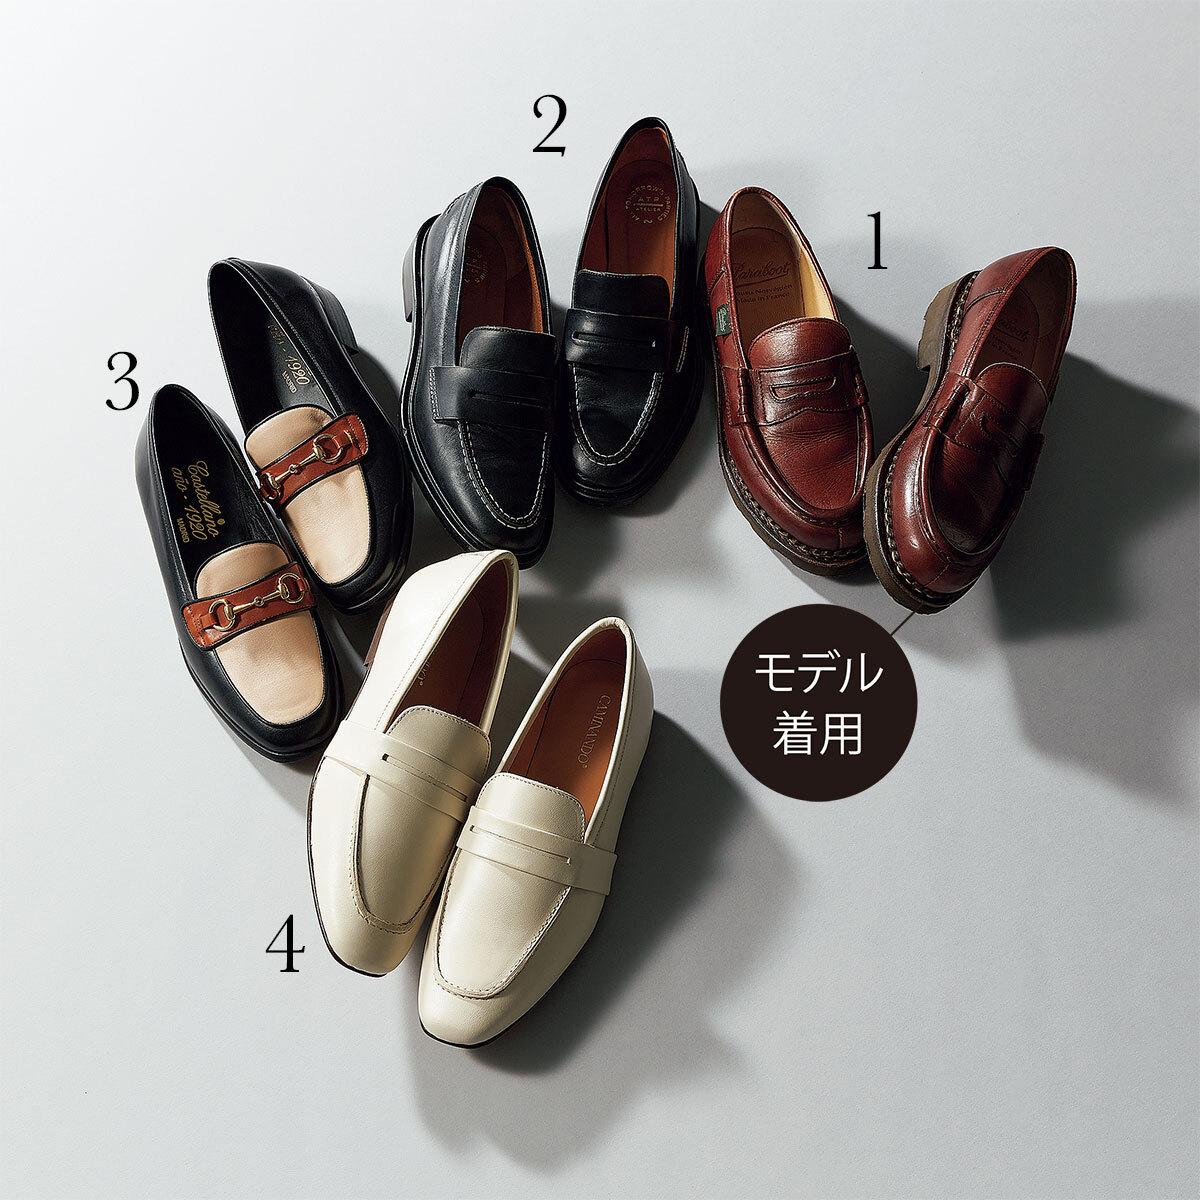 デニムスタイルの鮮度を上げる「足元」4